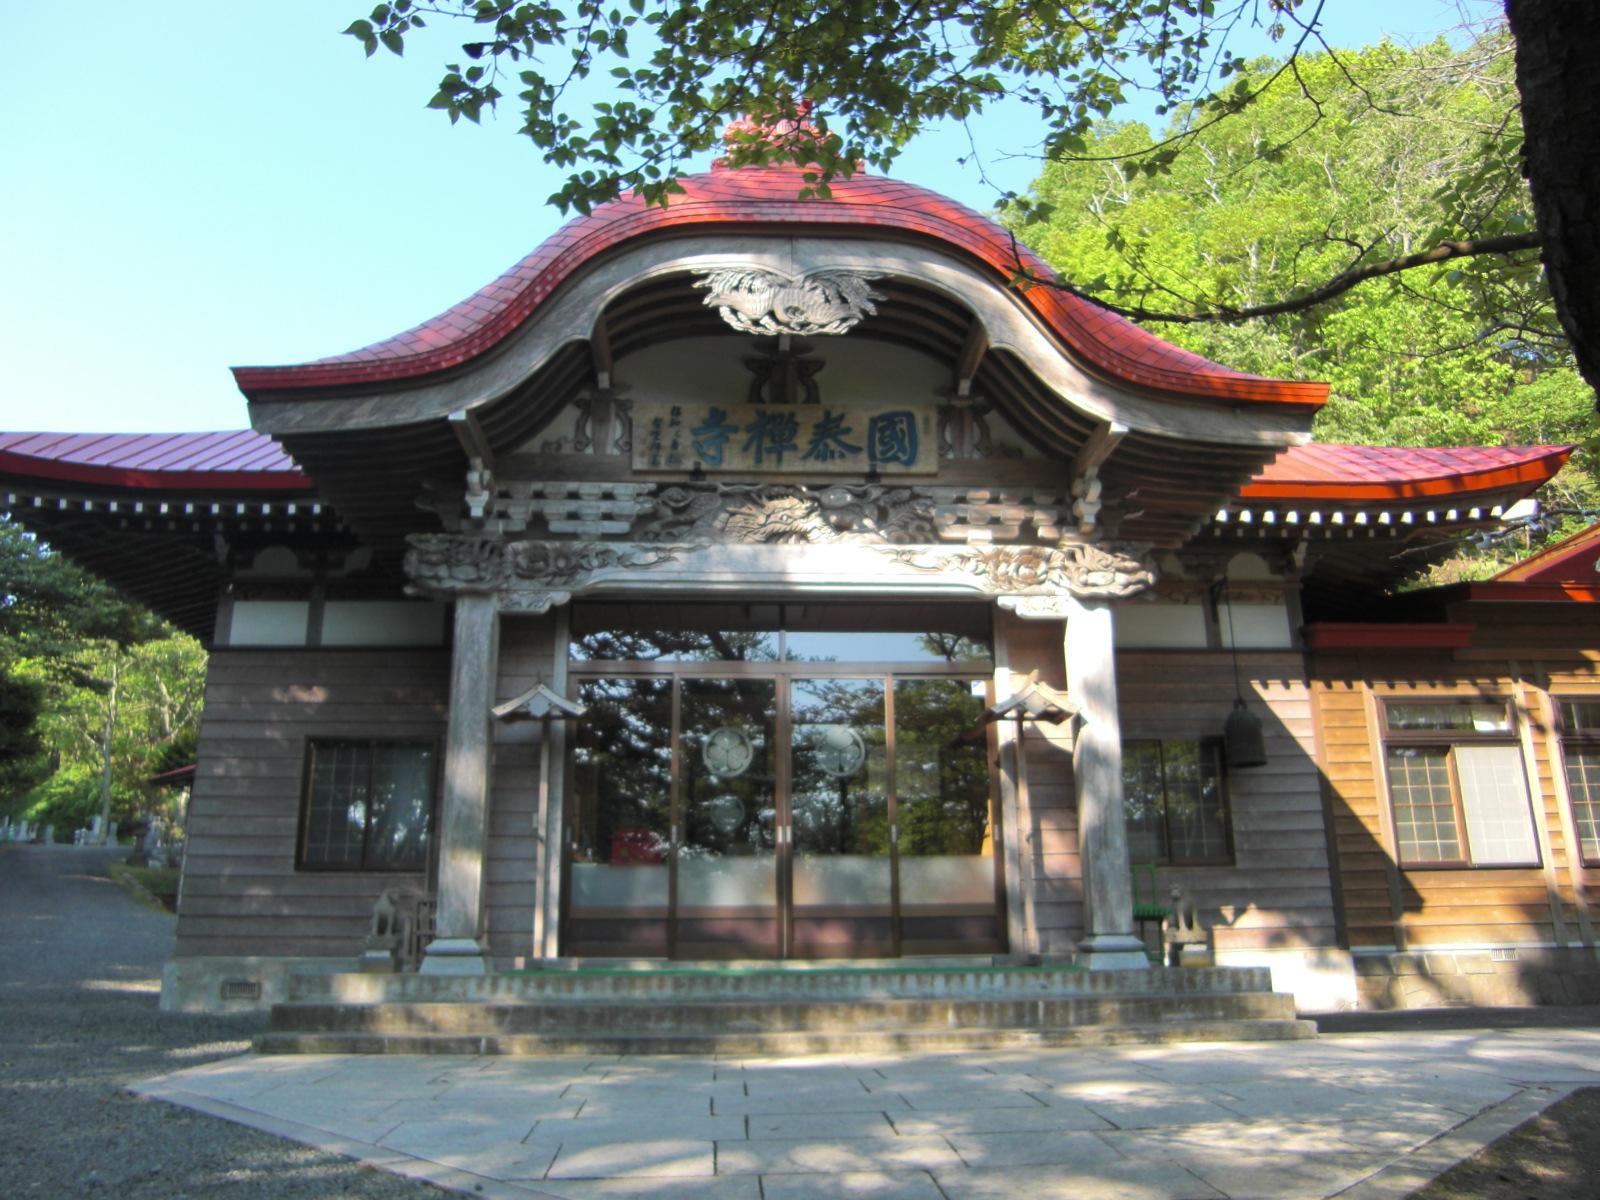 【厚岸町】国泰寺観光案内です。